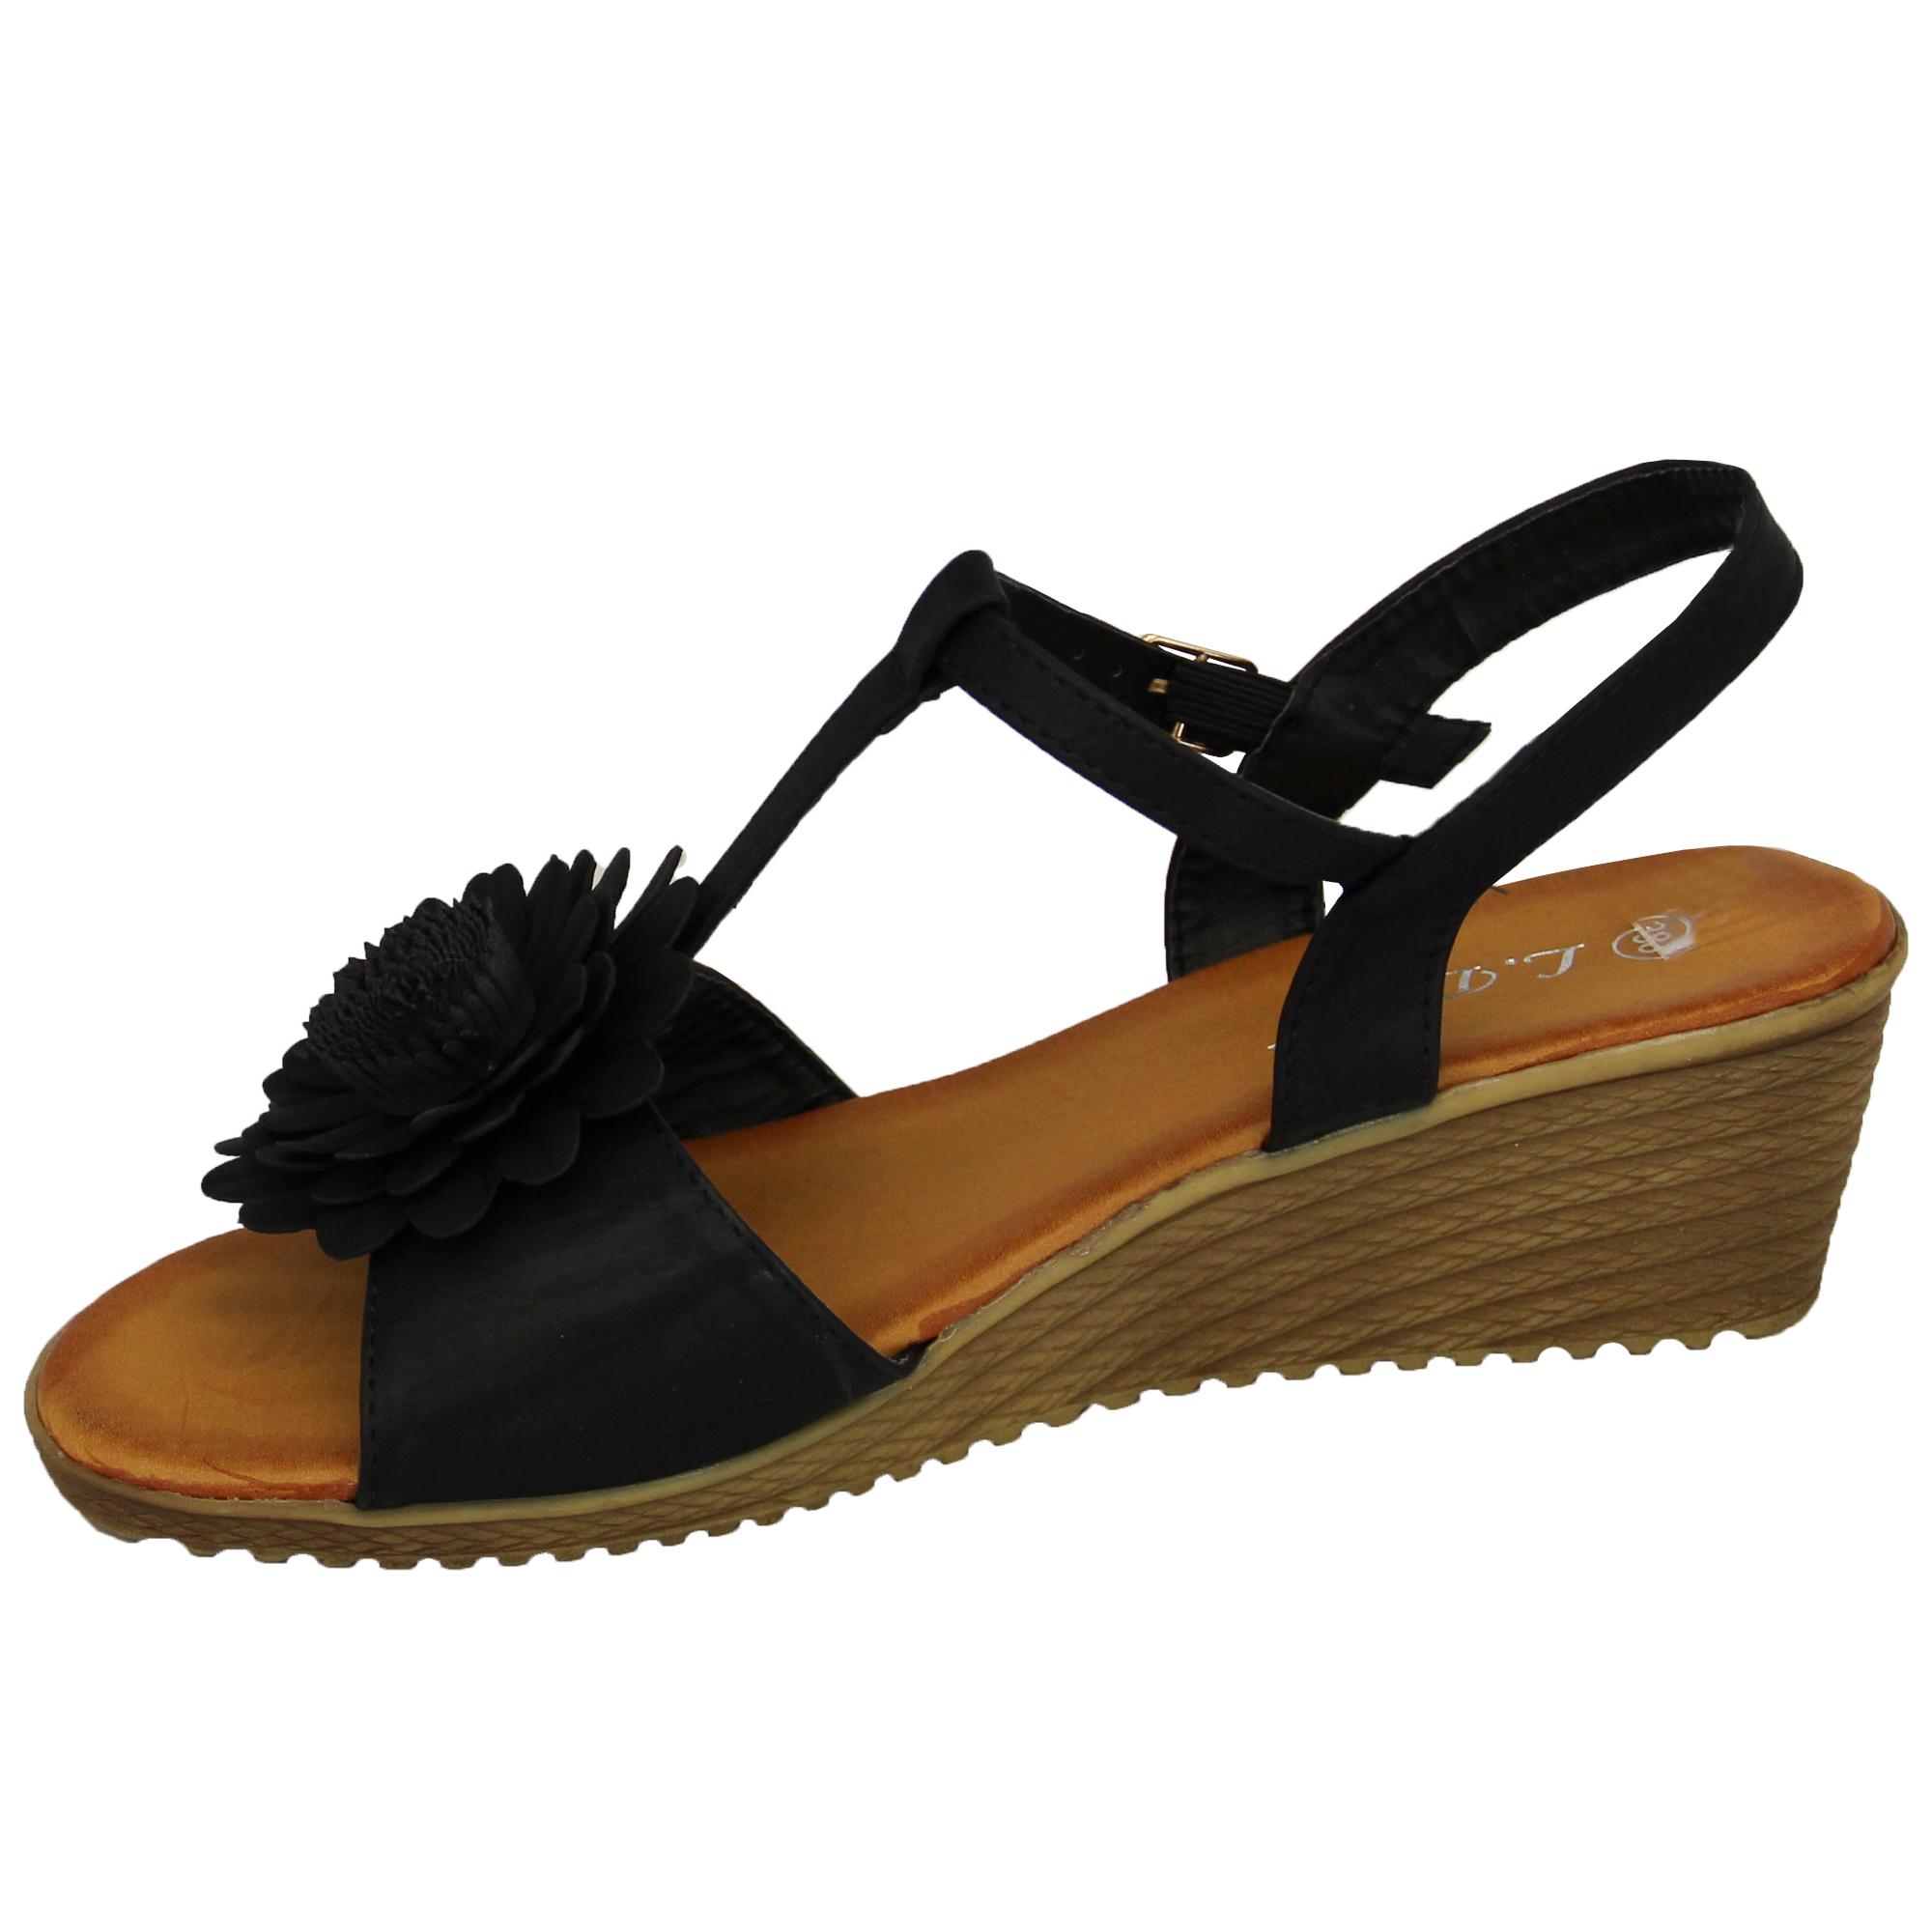 Damen Sling Keilabsatz Sandalen Damen Mädchen Open Toe Blumenschuhe Party Mode